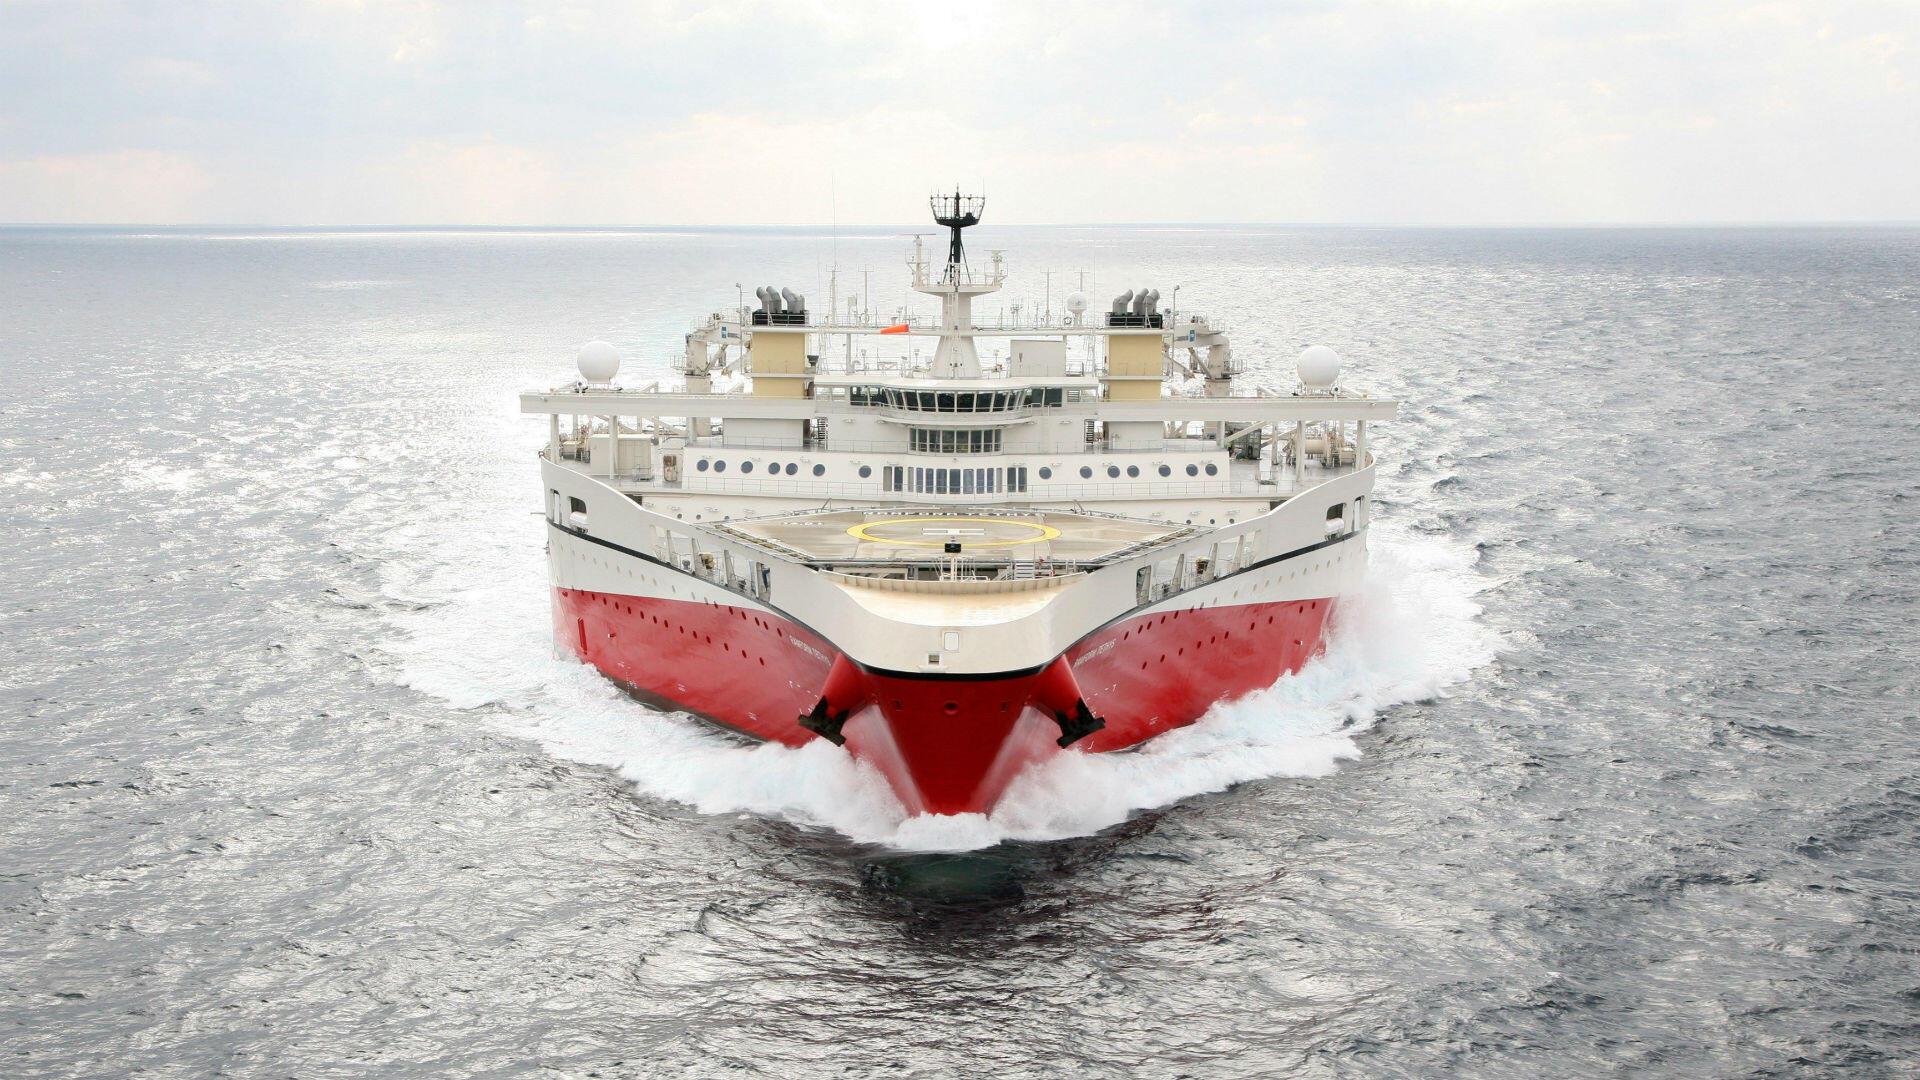 Imagen del buque Ramform Tethys distribuida por Petroleum Geo-Services el 23 de diciembre de 2018 en referencia a la interceptación de la nave contratada por la compañía petrolera ExxonMobil por parte de la marina venezolana el 22 de diciembre del mismo año.